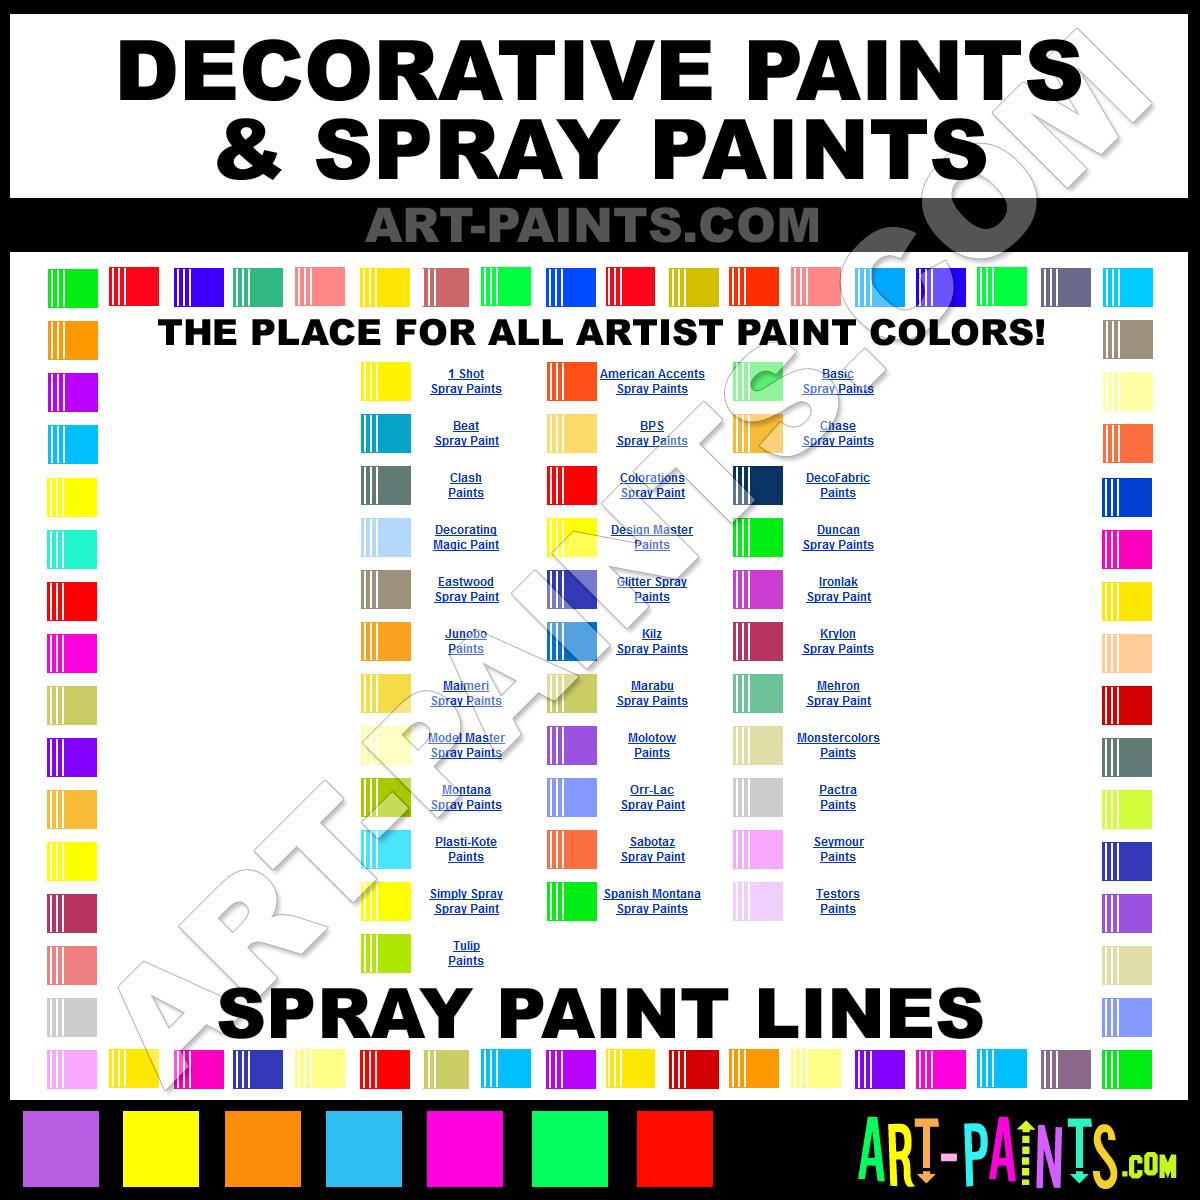 Paint Colors And Brands: Spray Paints & Aerosol, Decorative, Graffiti Art Paints